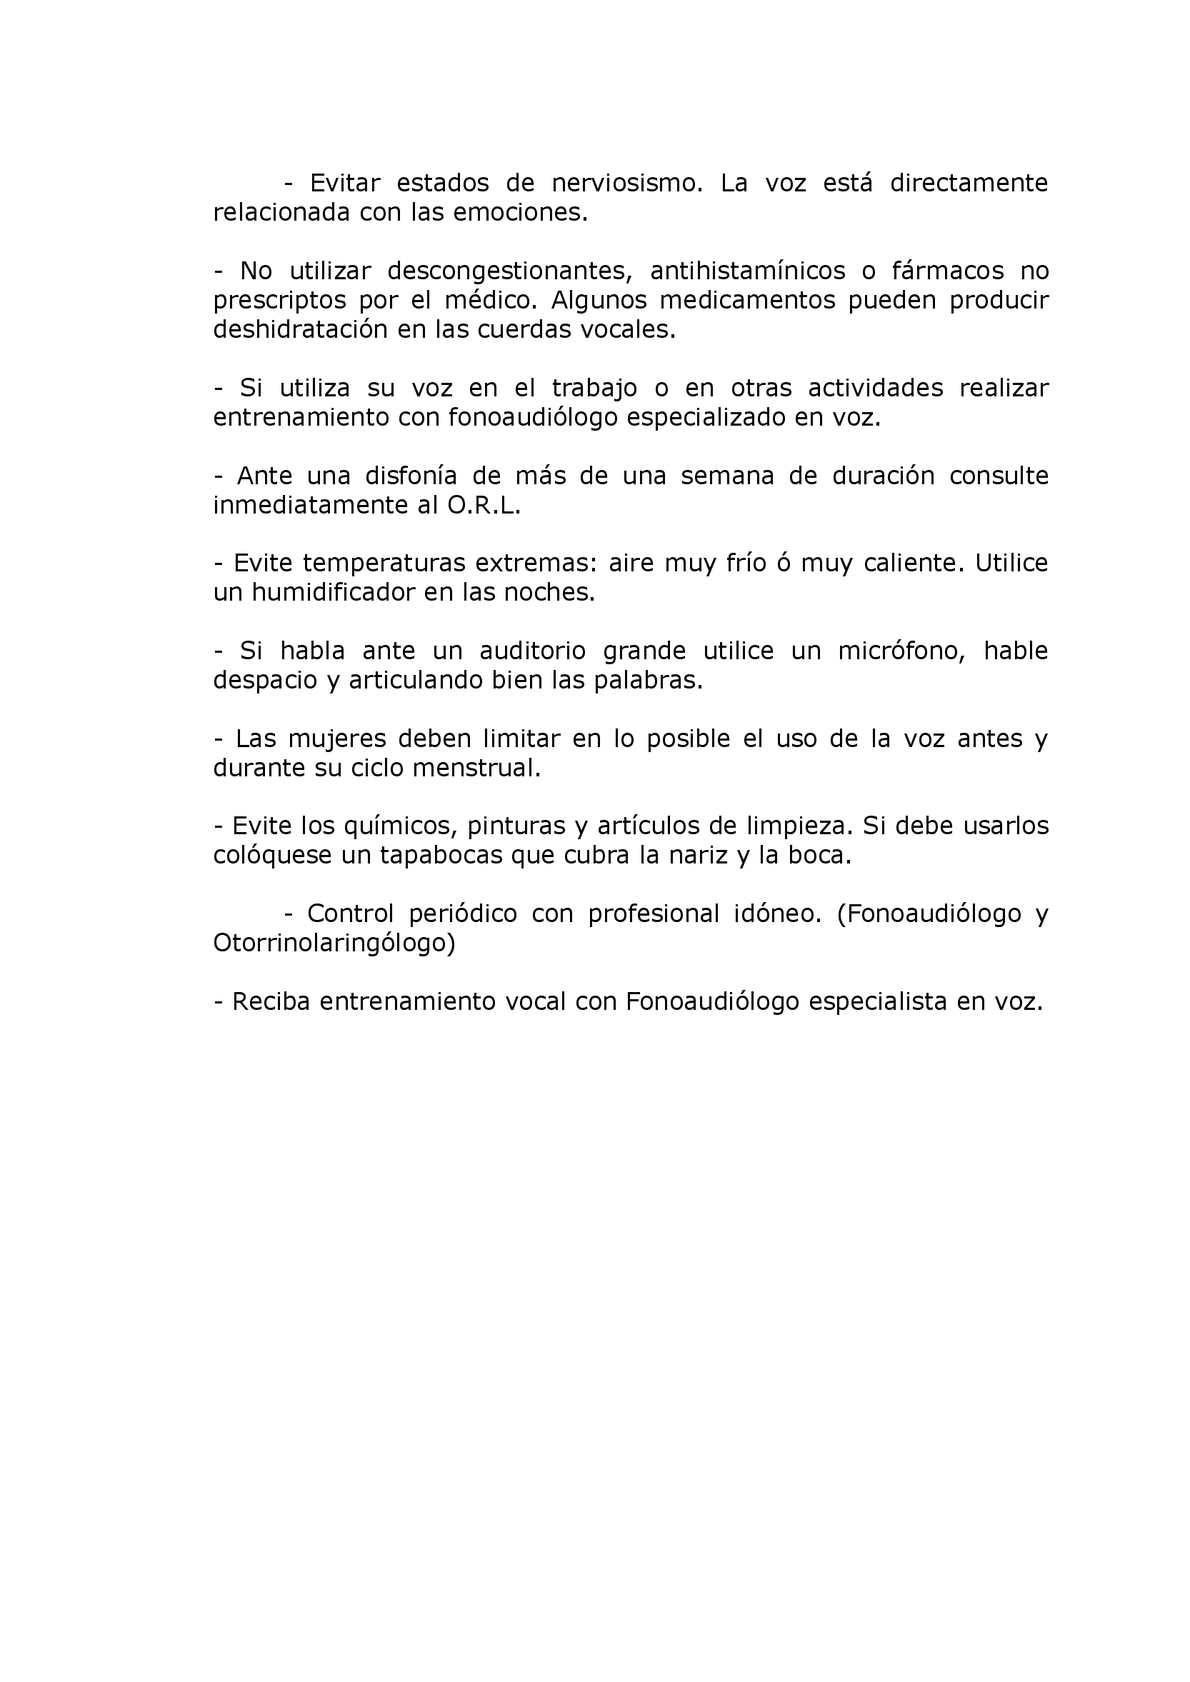 Autocuidado de la VOZ - Lic. Armando Perez - CALAMEO Downloader